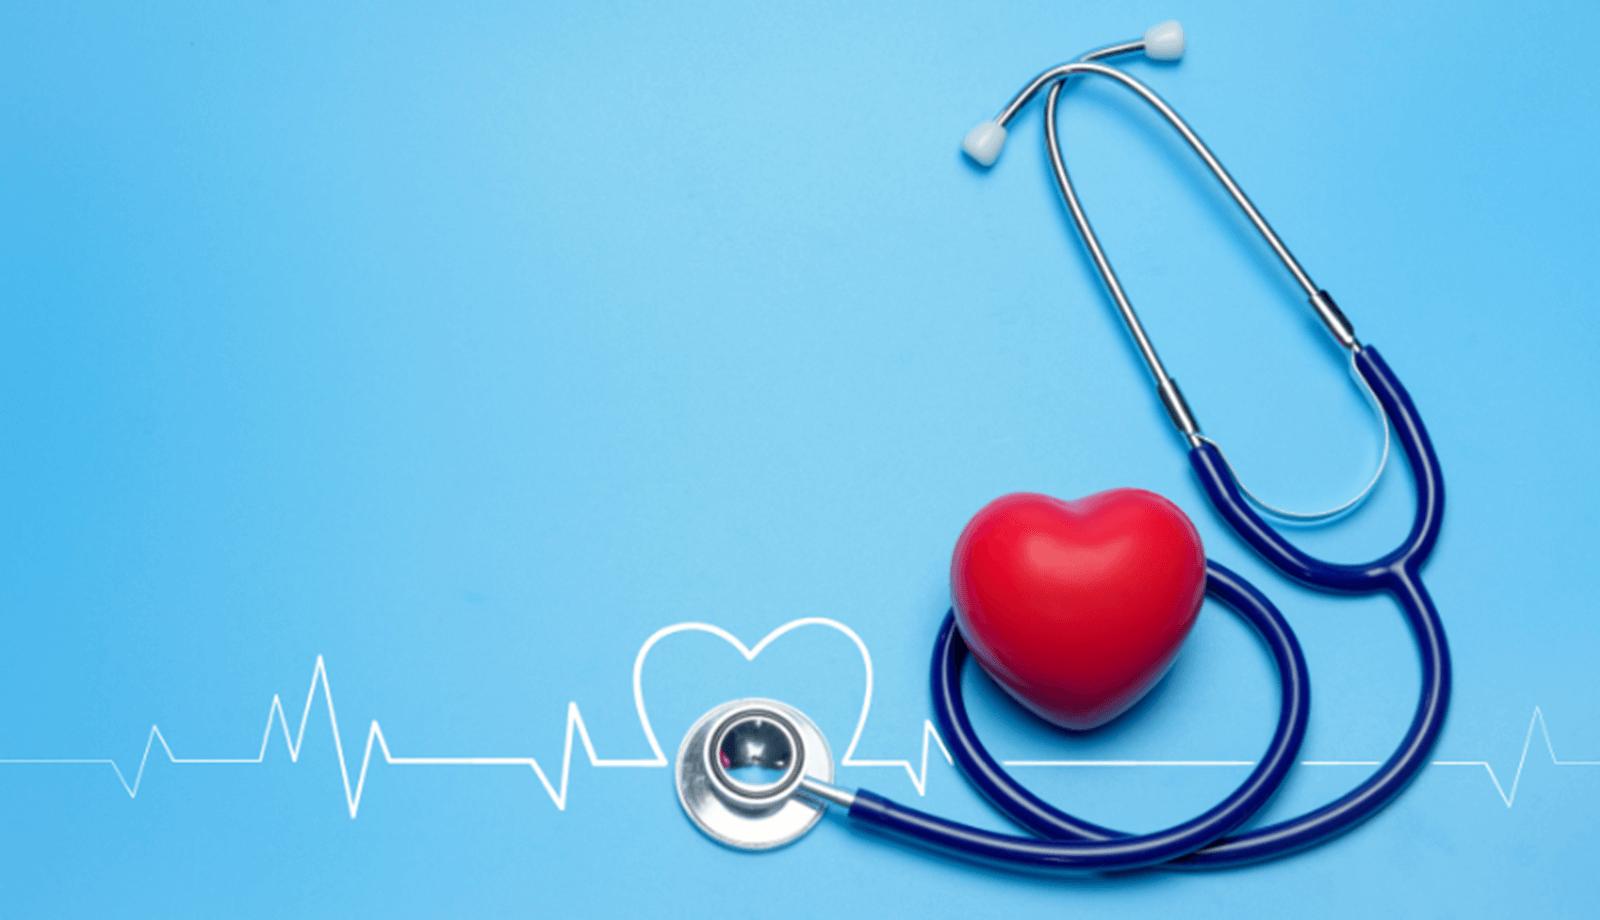 magas vérnyomás elleni nap 2020 tejtermékek magas vérnyomás ellen